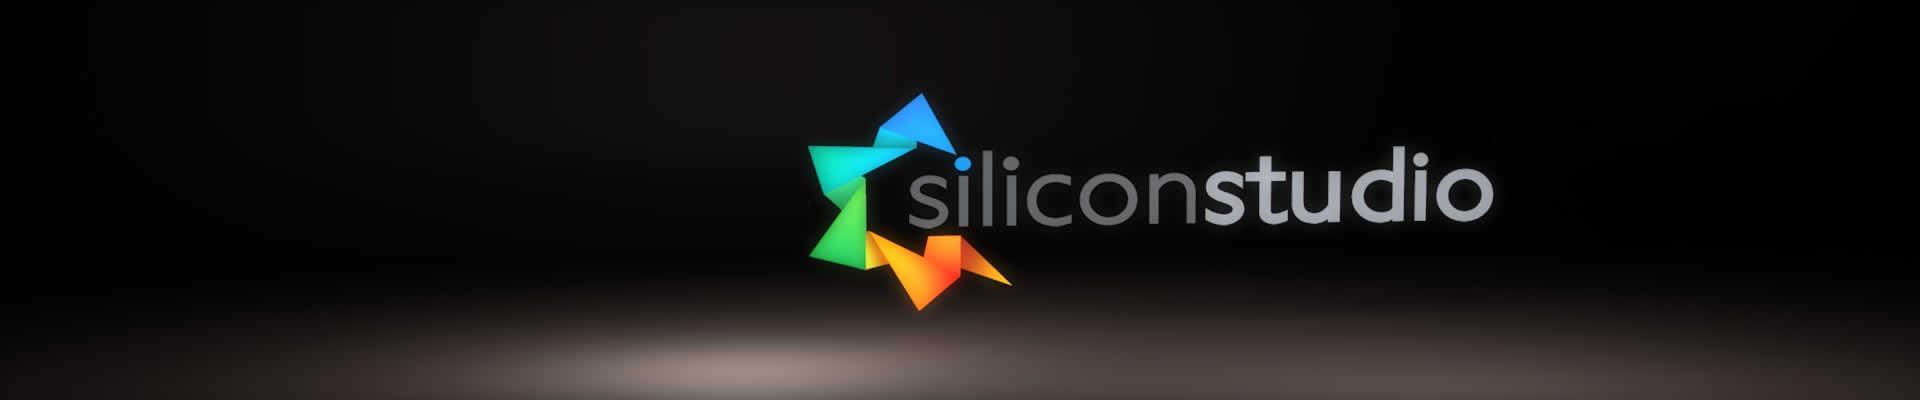 SiliconStudio Creative Agency